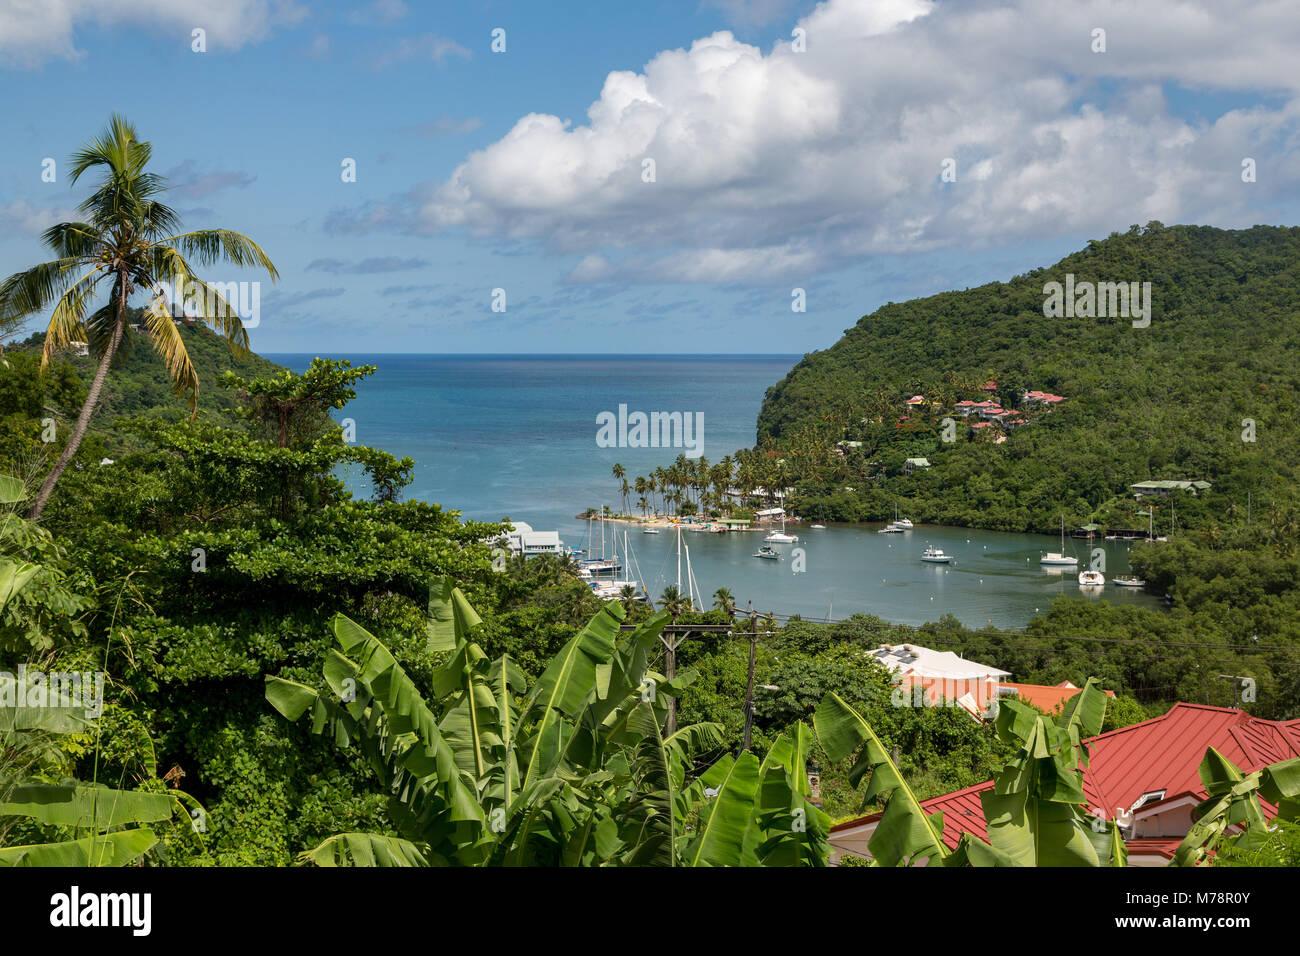 Le tropical et très abritée Marigot Bay, Sainte-Lucie, îles du Vent (Antilles Caraïbes, Amérique Photo Stock